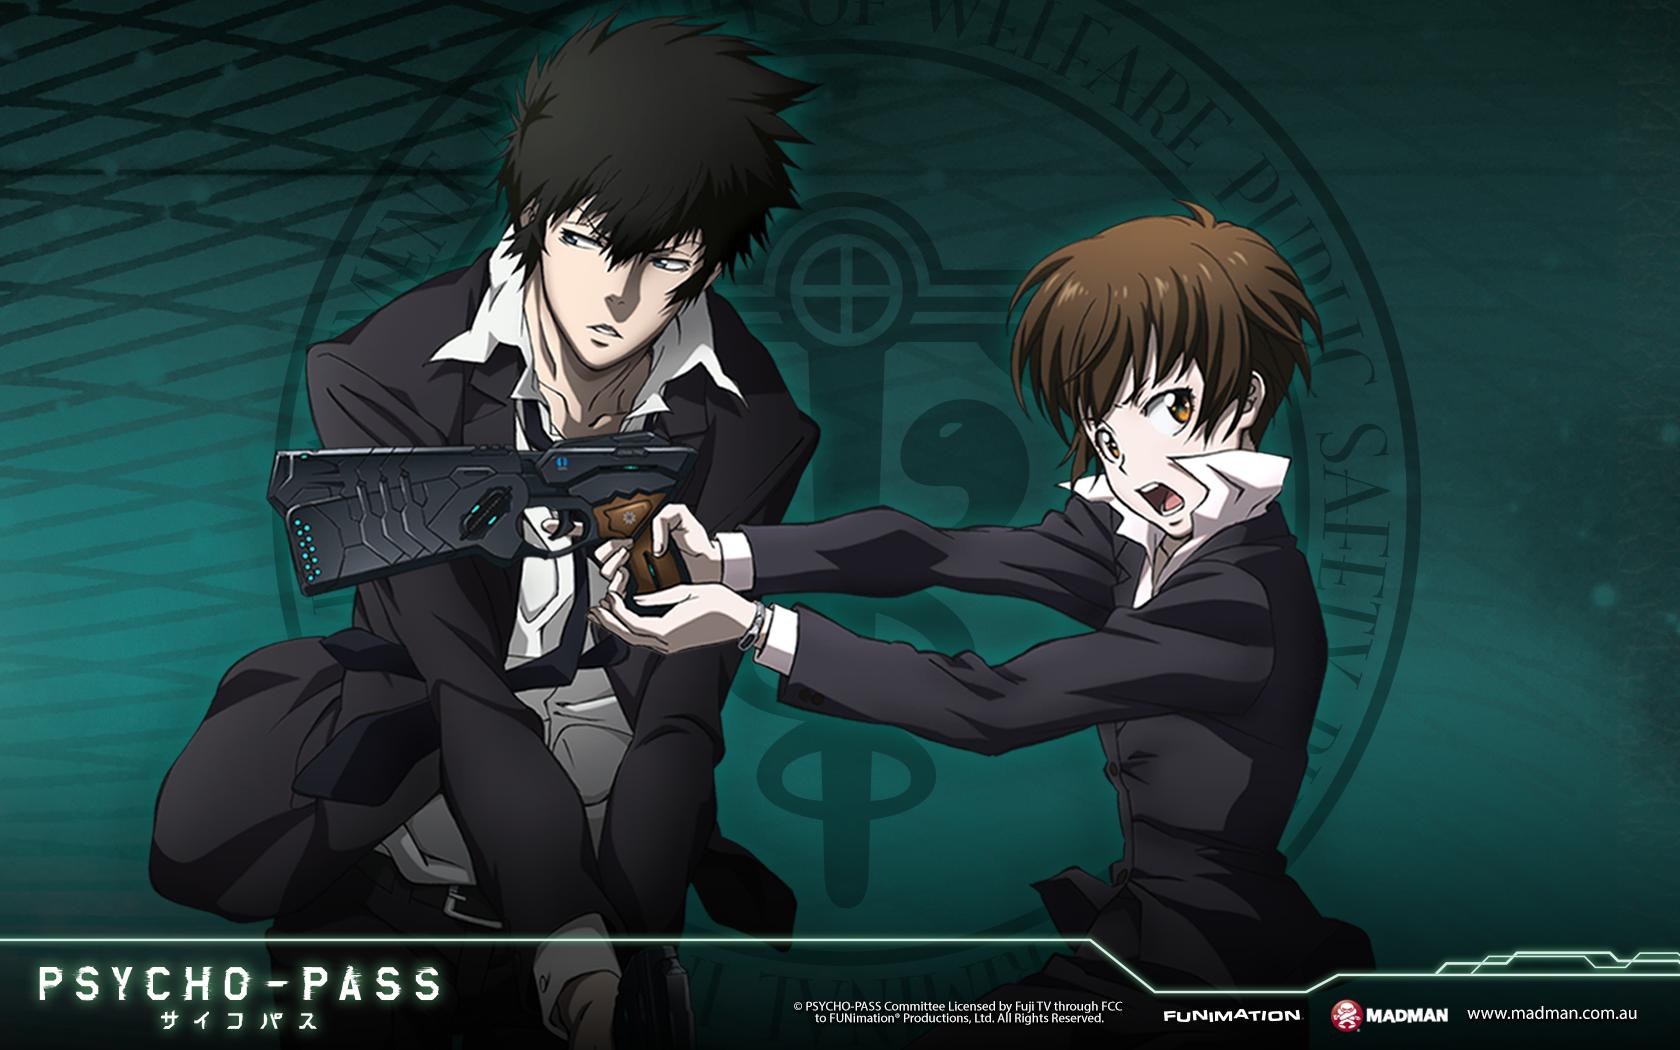 gekijouban psycho-pass izle